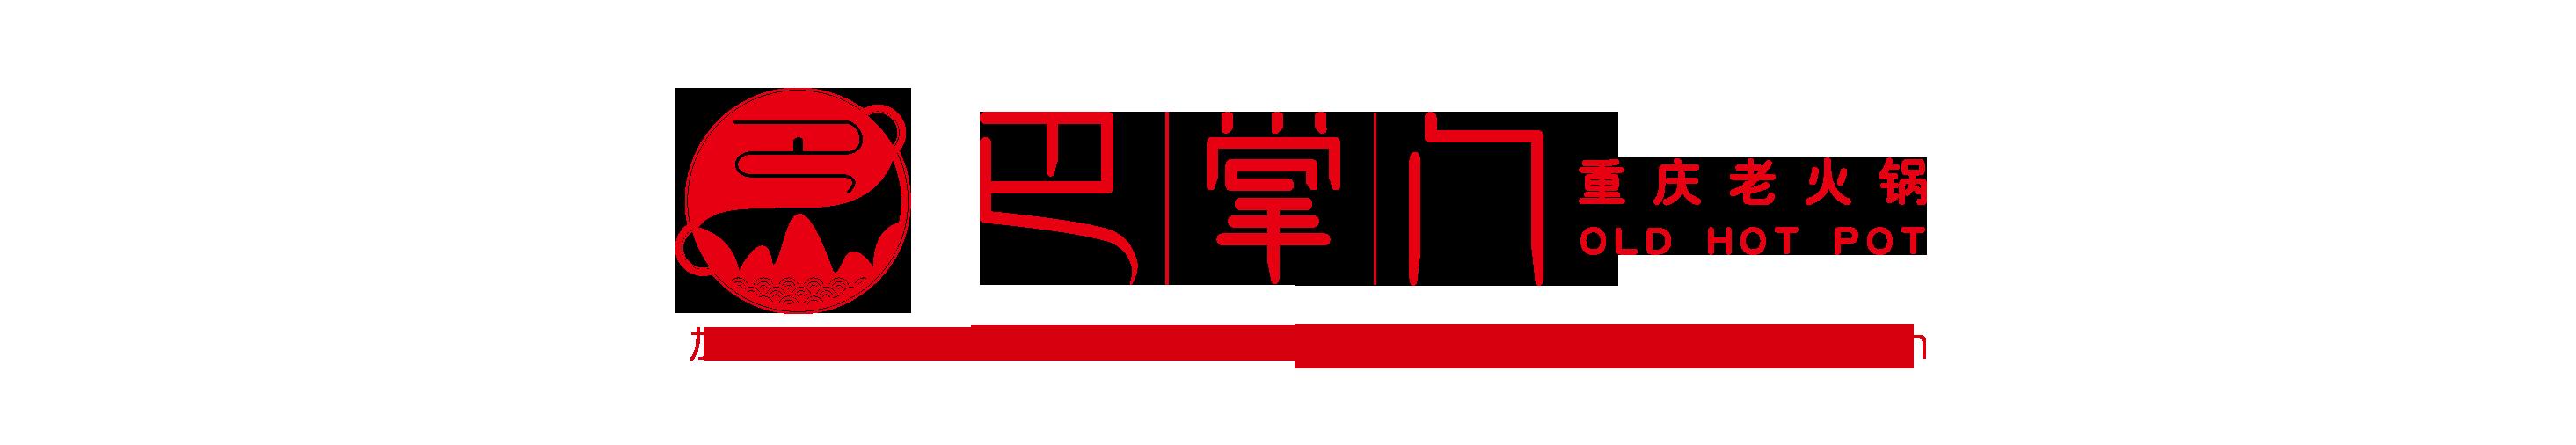 重庆巴掌门老火锅诚招全球合作加盟!